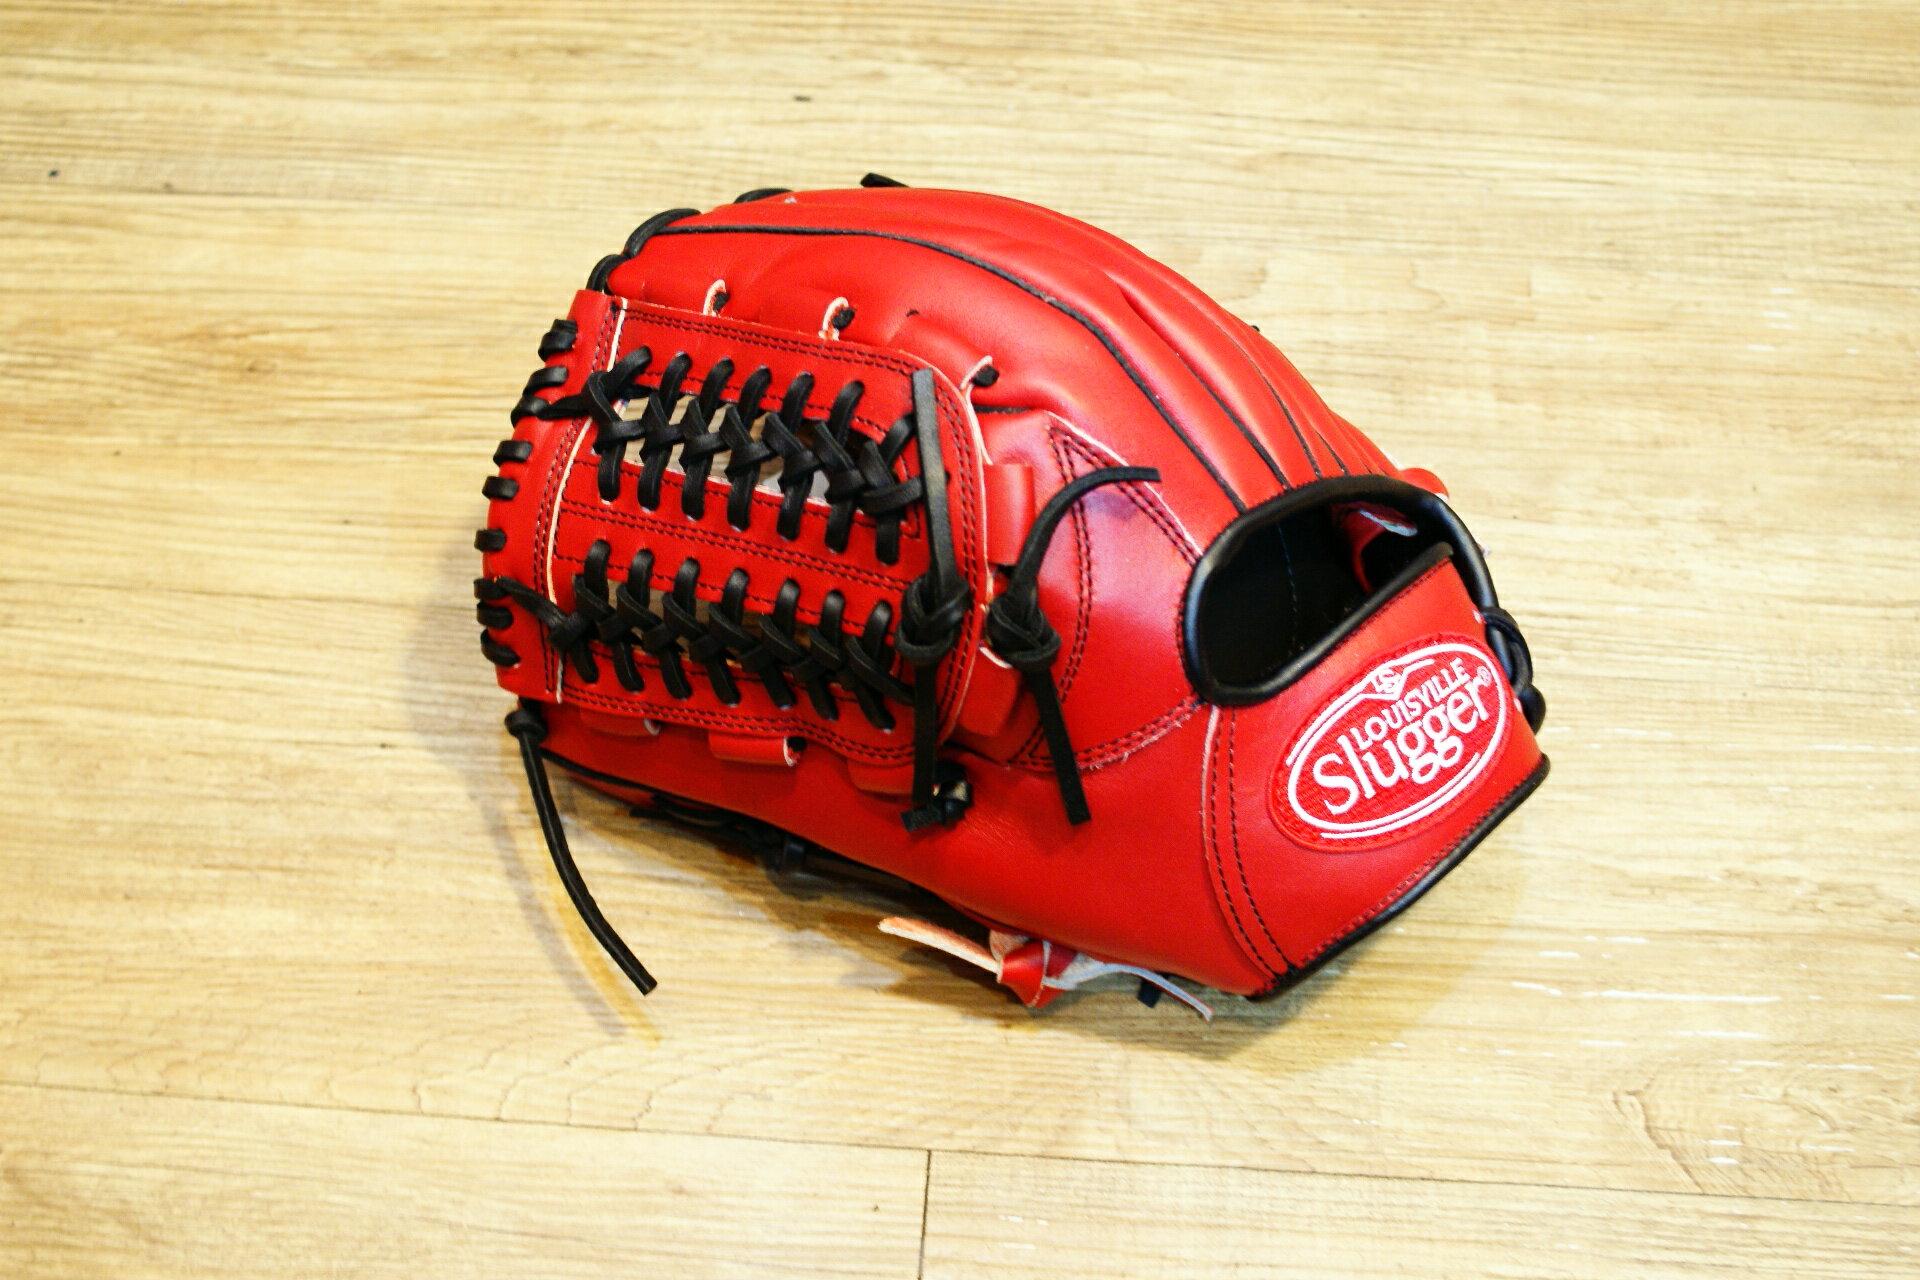 棒球世界 全新Louisvill Slugger 路易斯威爾TPX紅黑配色內野網狀手套 特價 反手用